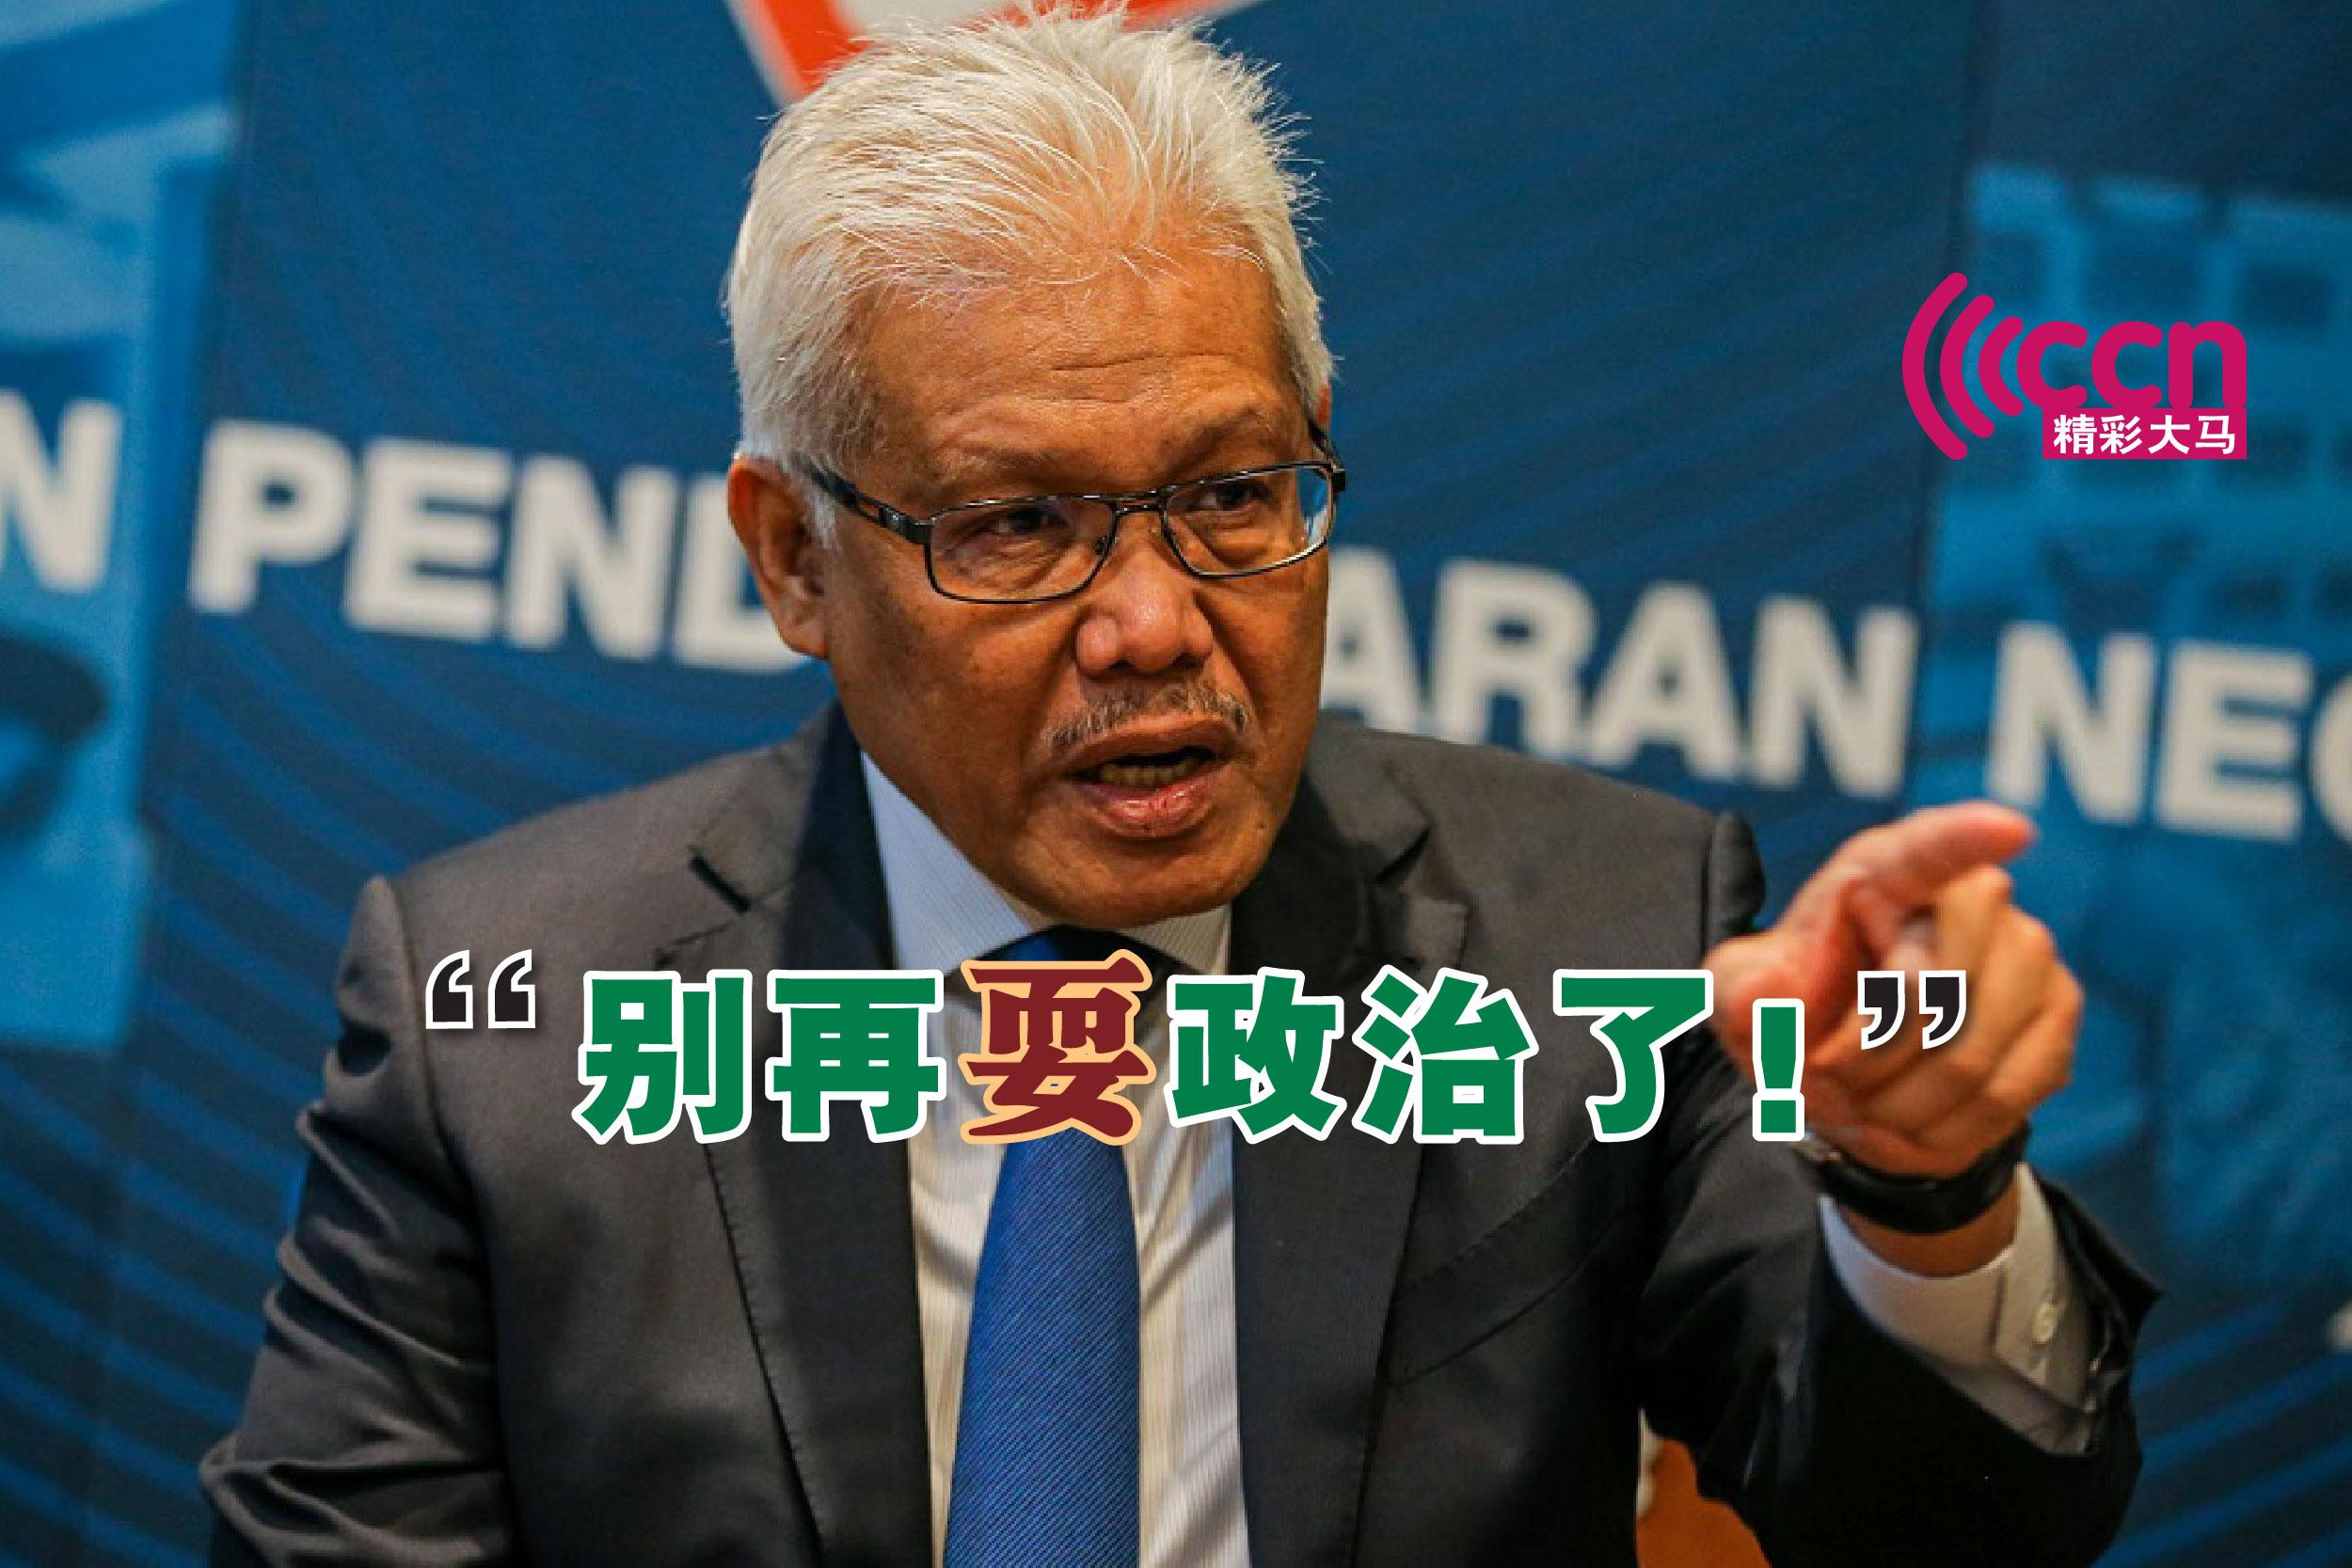 韩查促从政者在疫情当前,别再耍政治或拉拢支持以成为首相。-Hari Anggara摄,精彩大马制图-